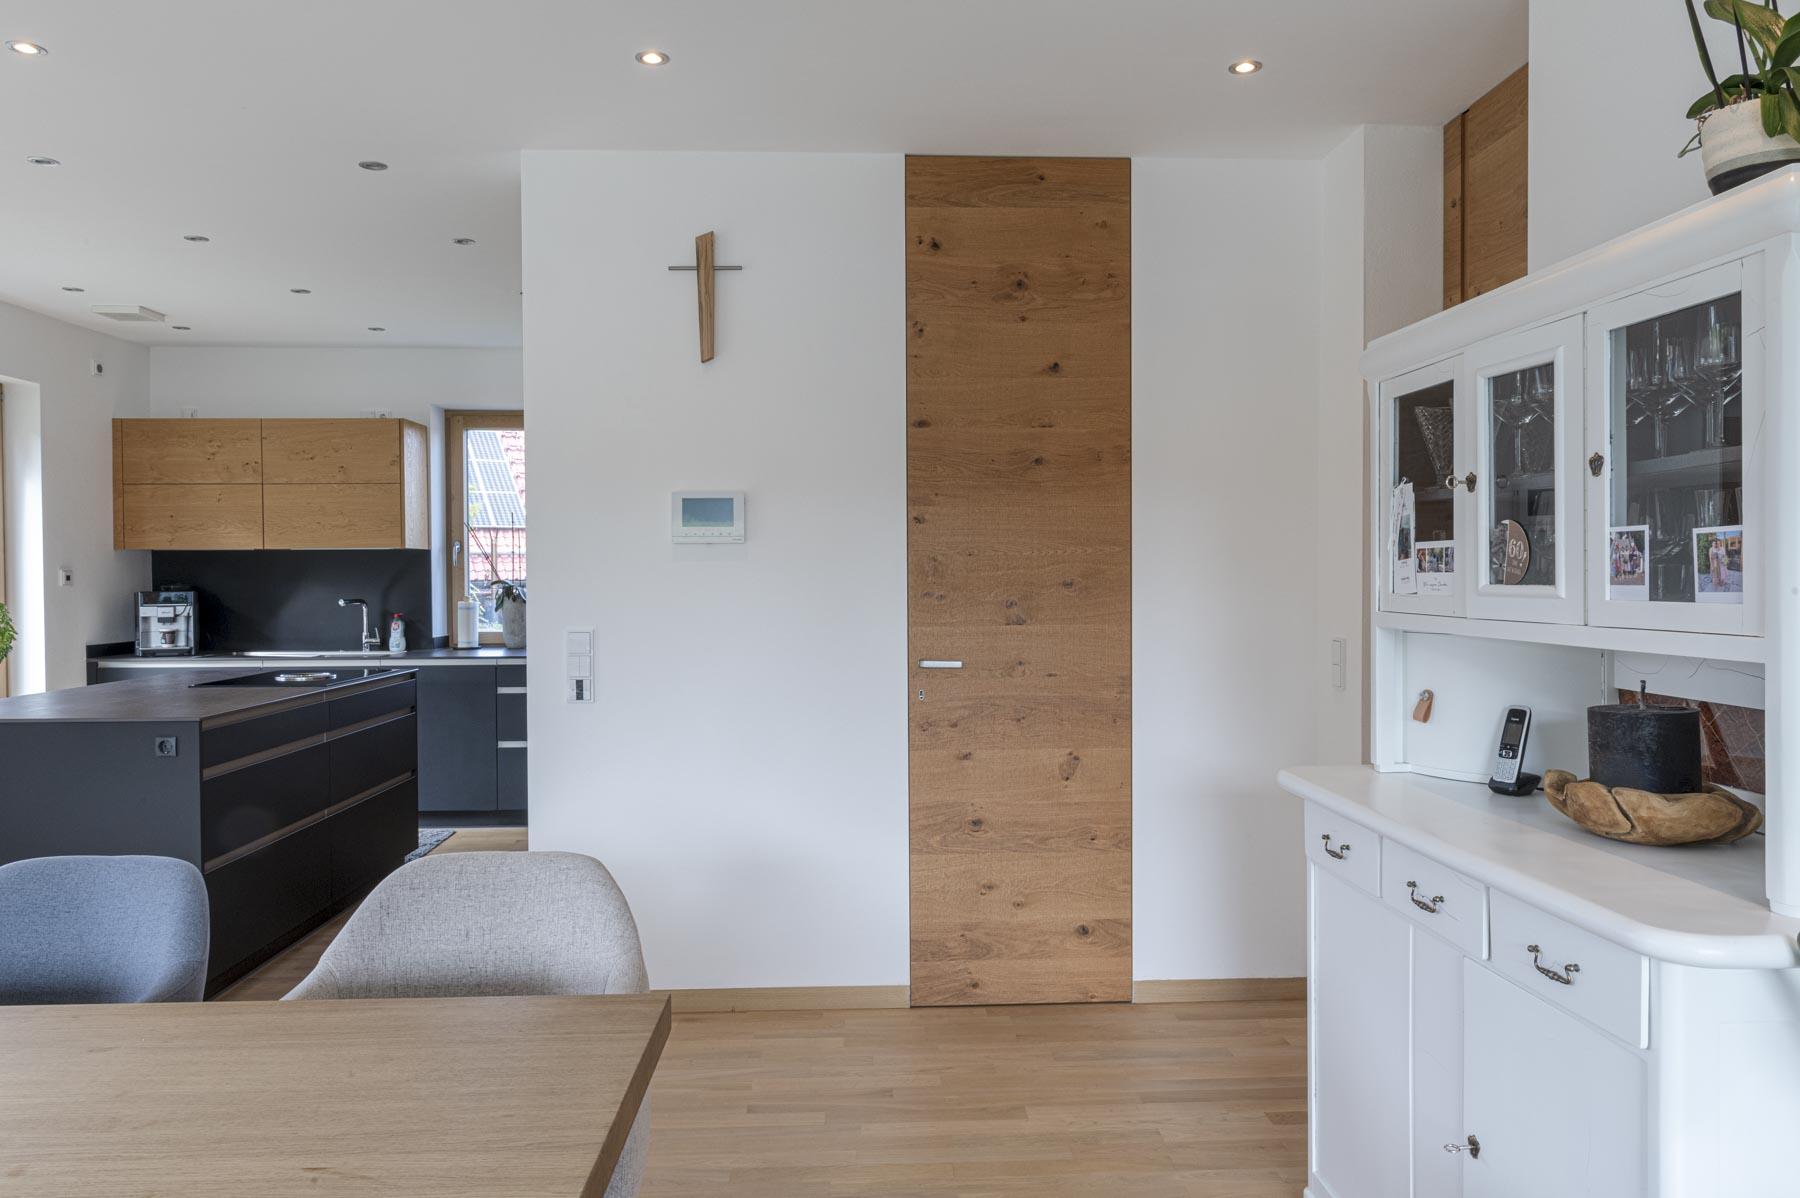 Rahmenlose Zimmertüre raumhoch und wandbündig